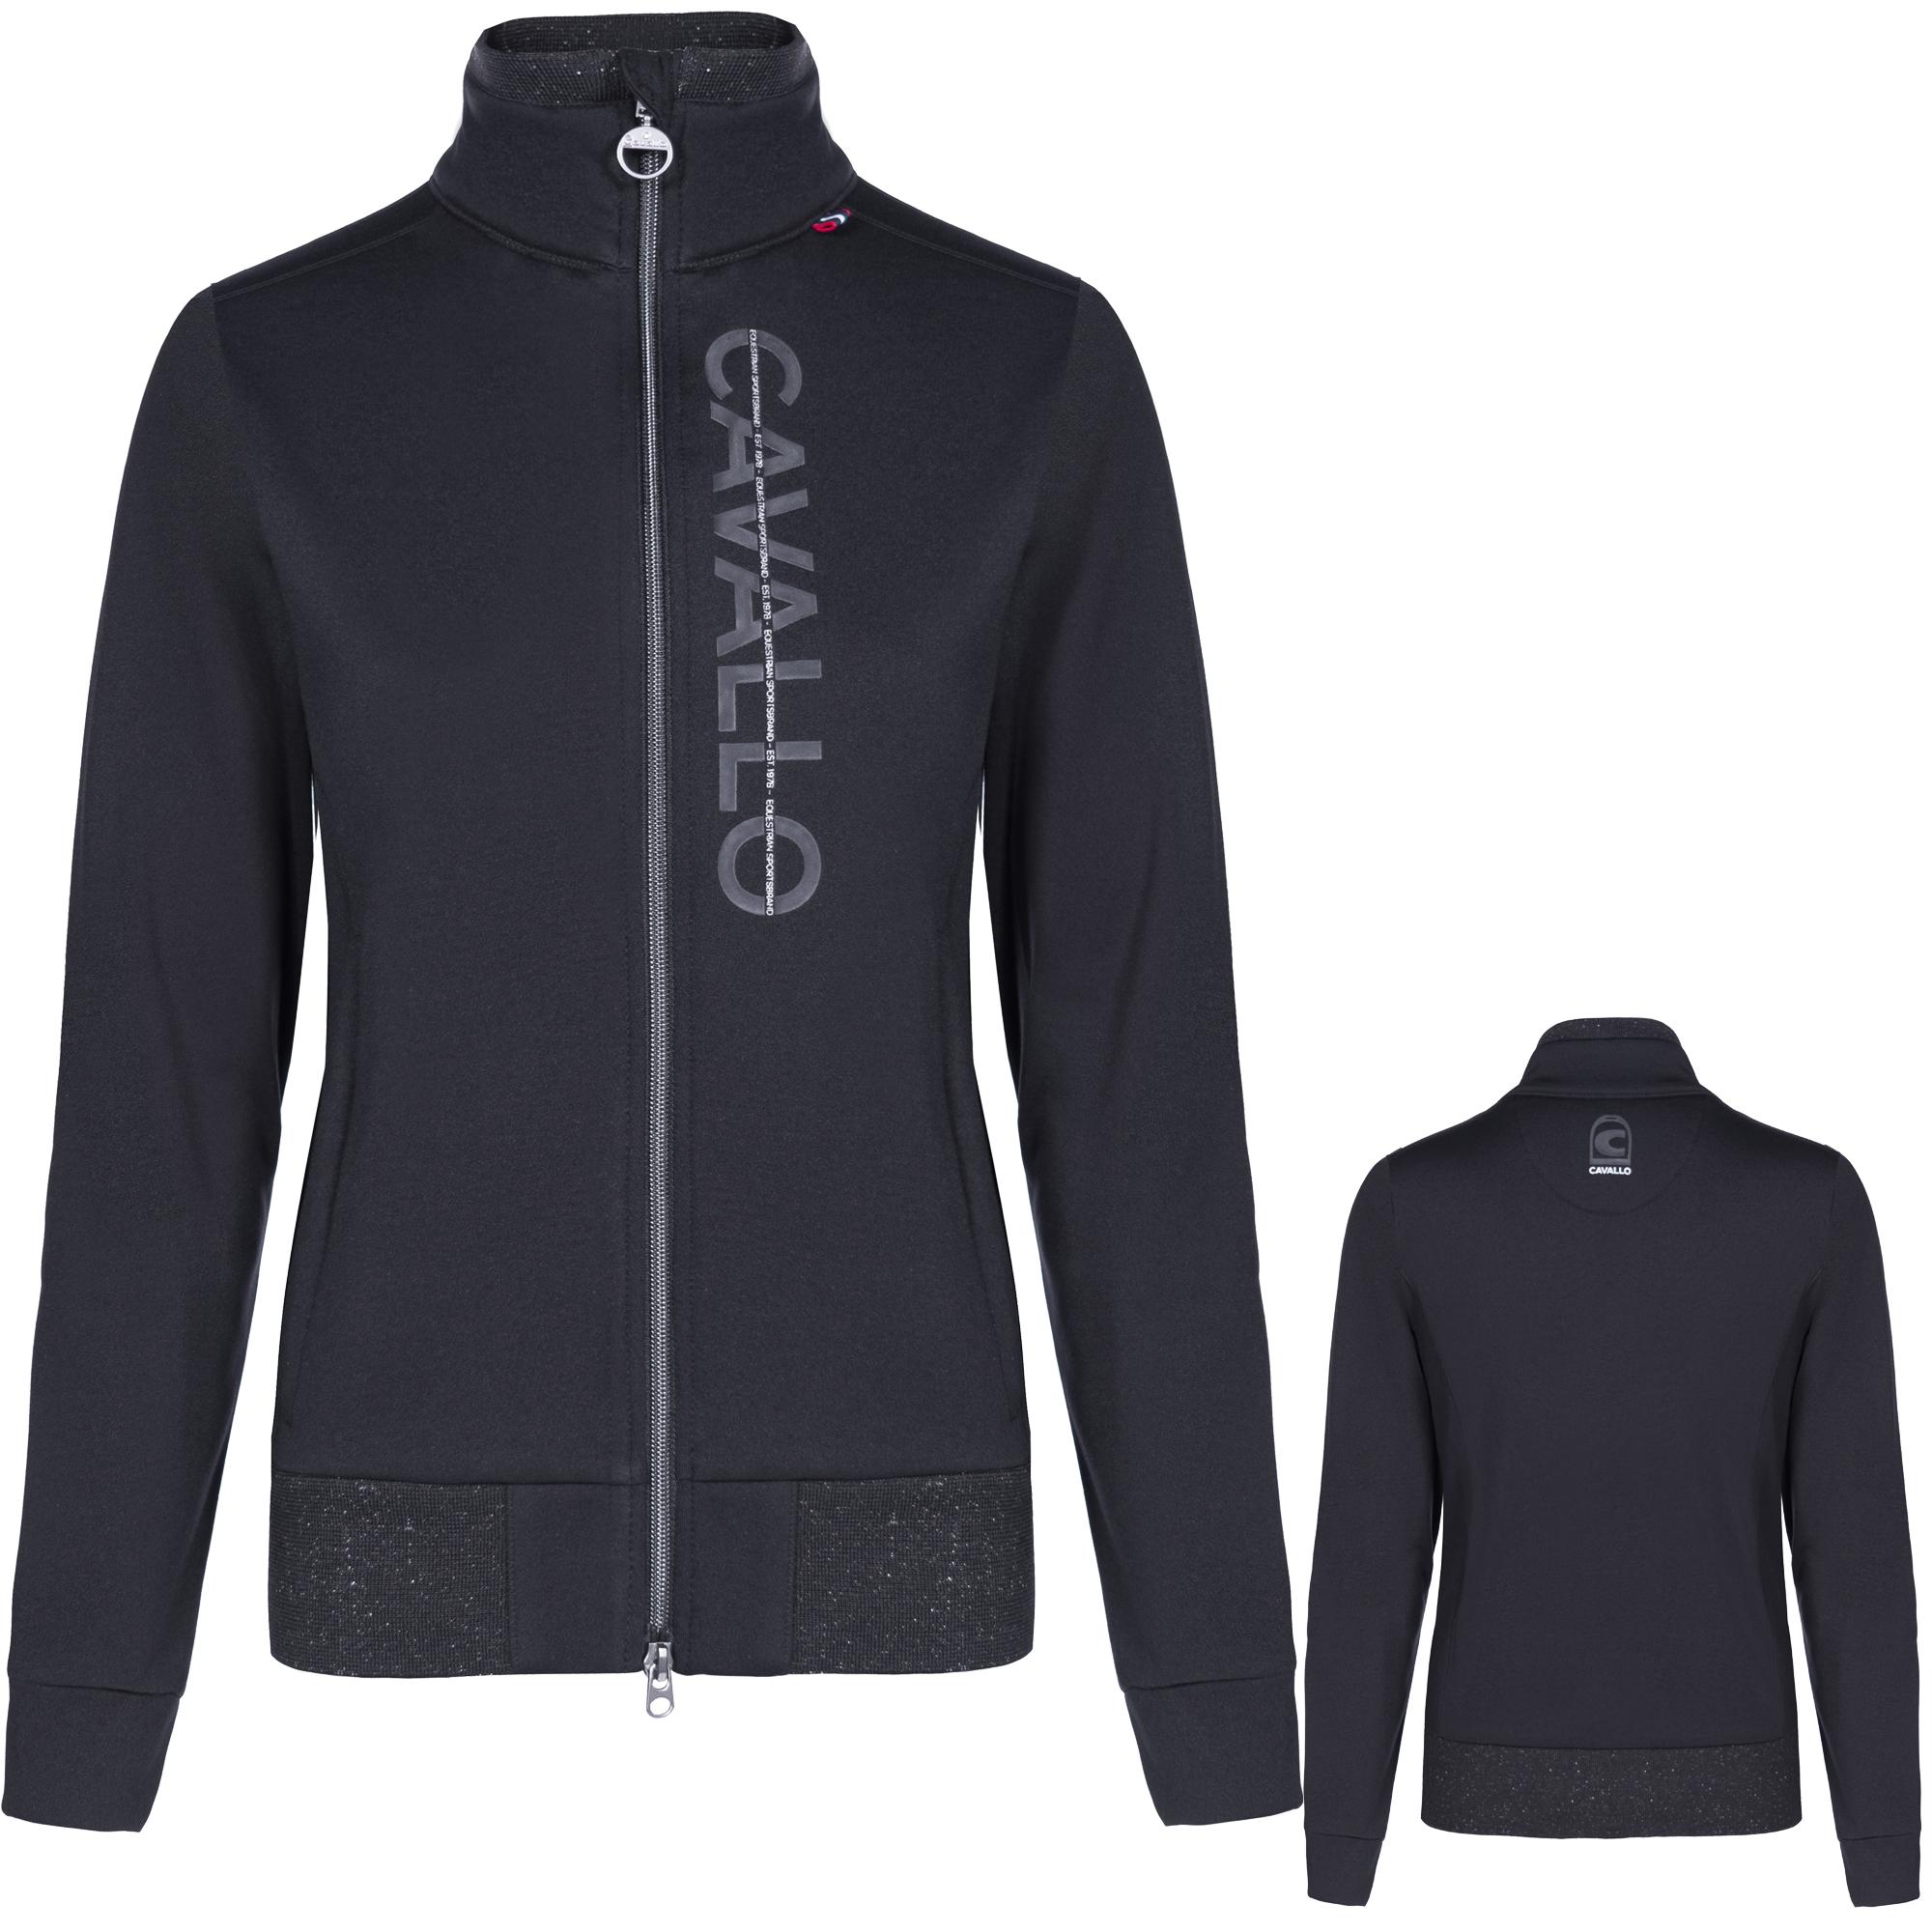 Cavallo Damen Fleece-Jacke Bayda in black